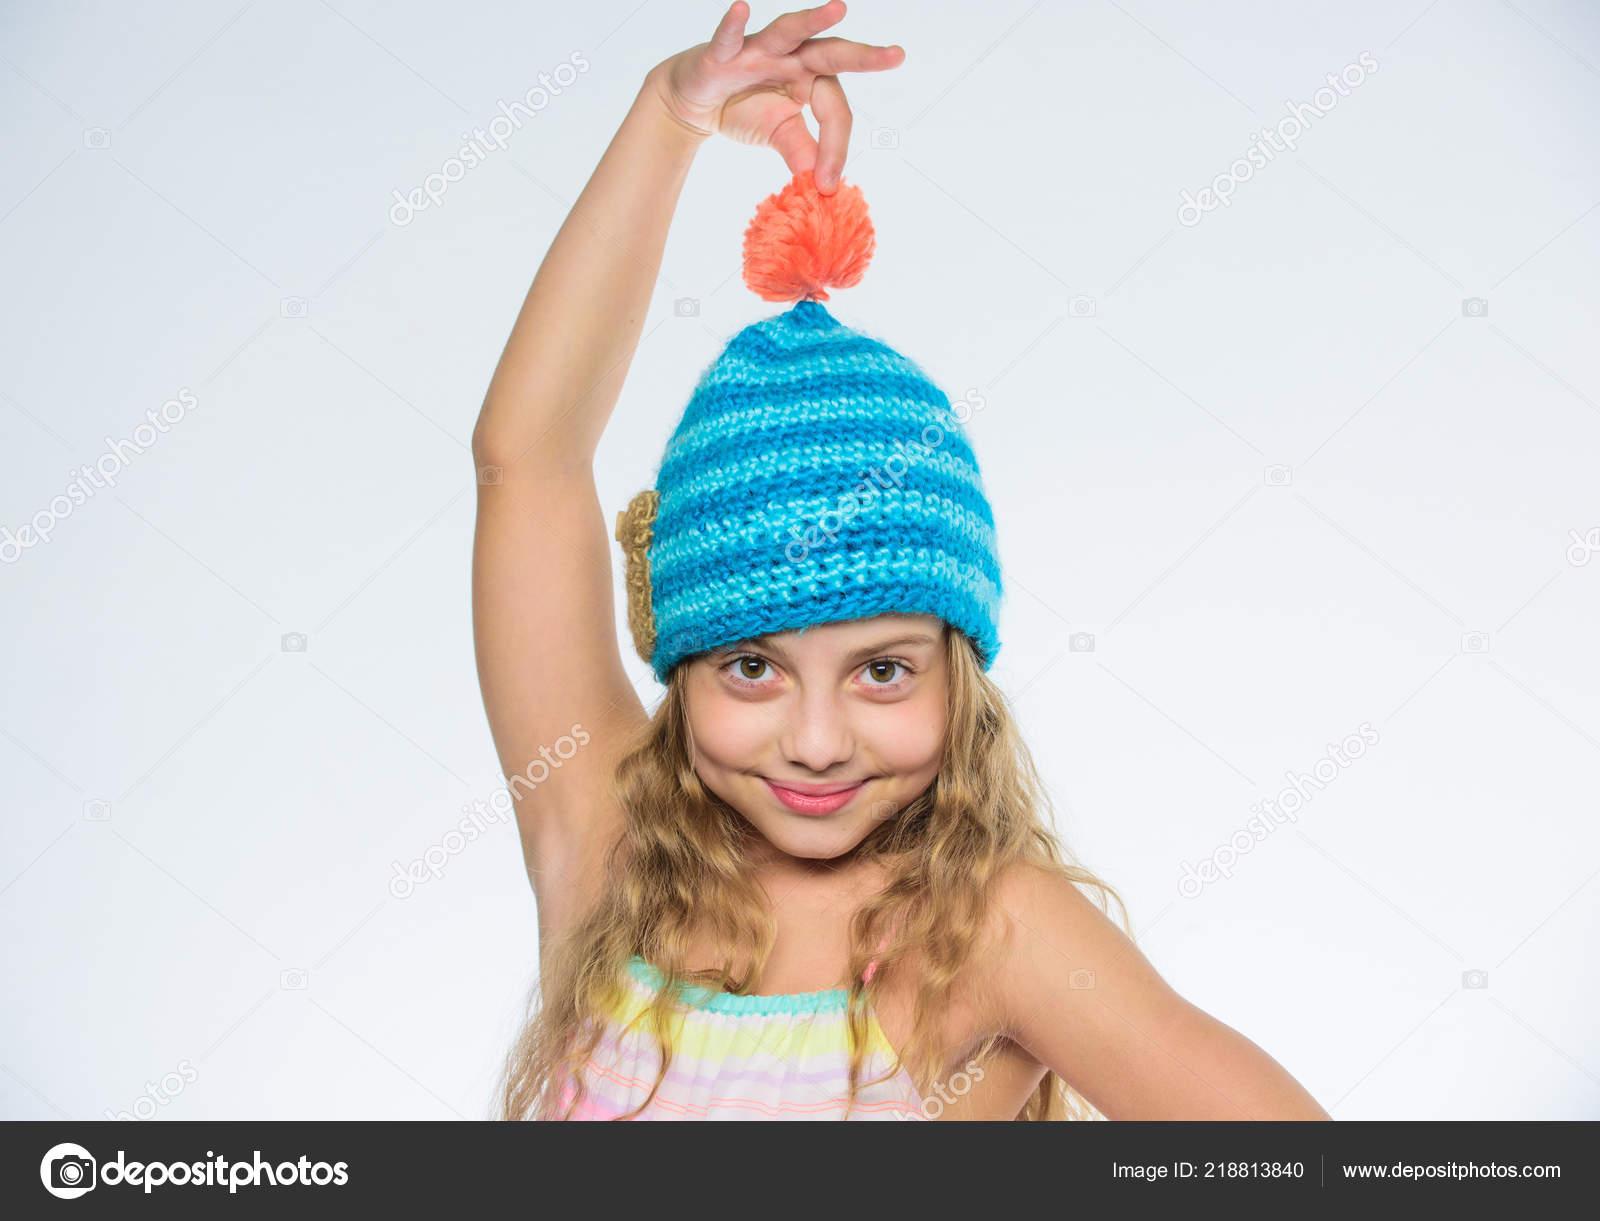 Kostenlose Strickmuster Herbst Winter Saison Accessoire Kinder